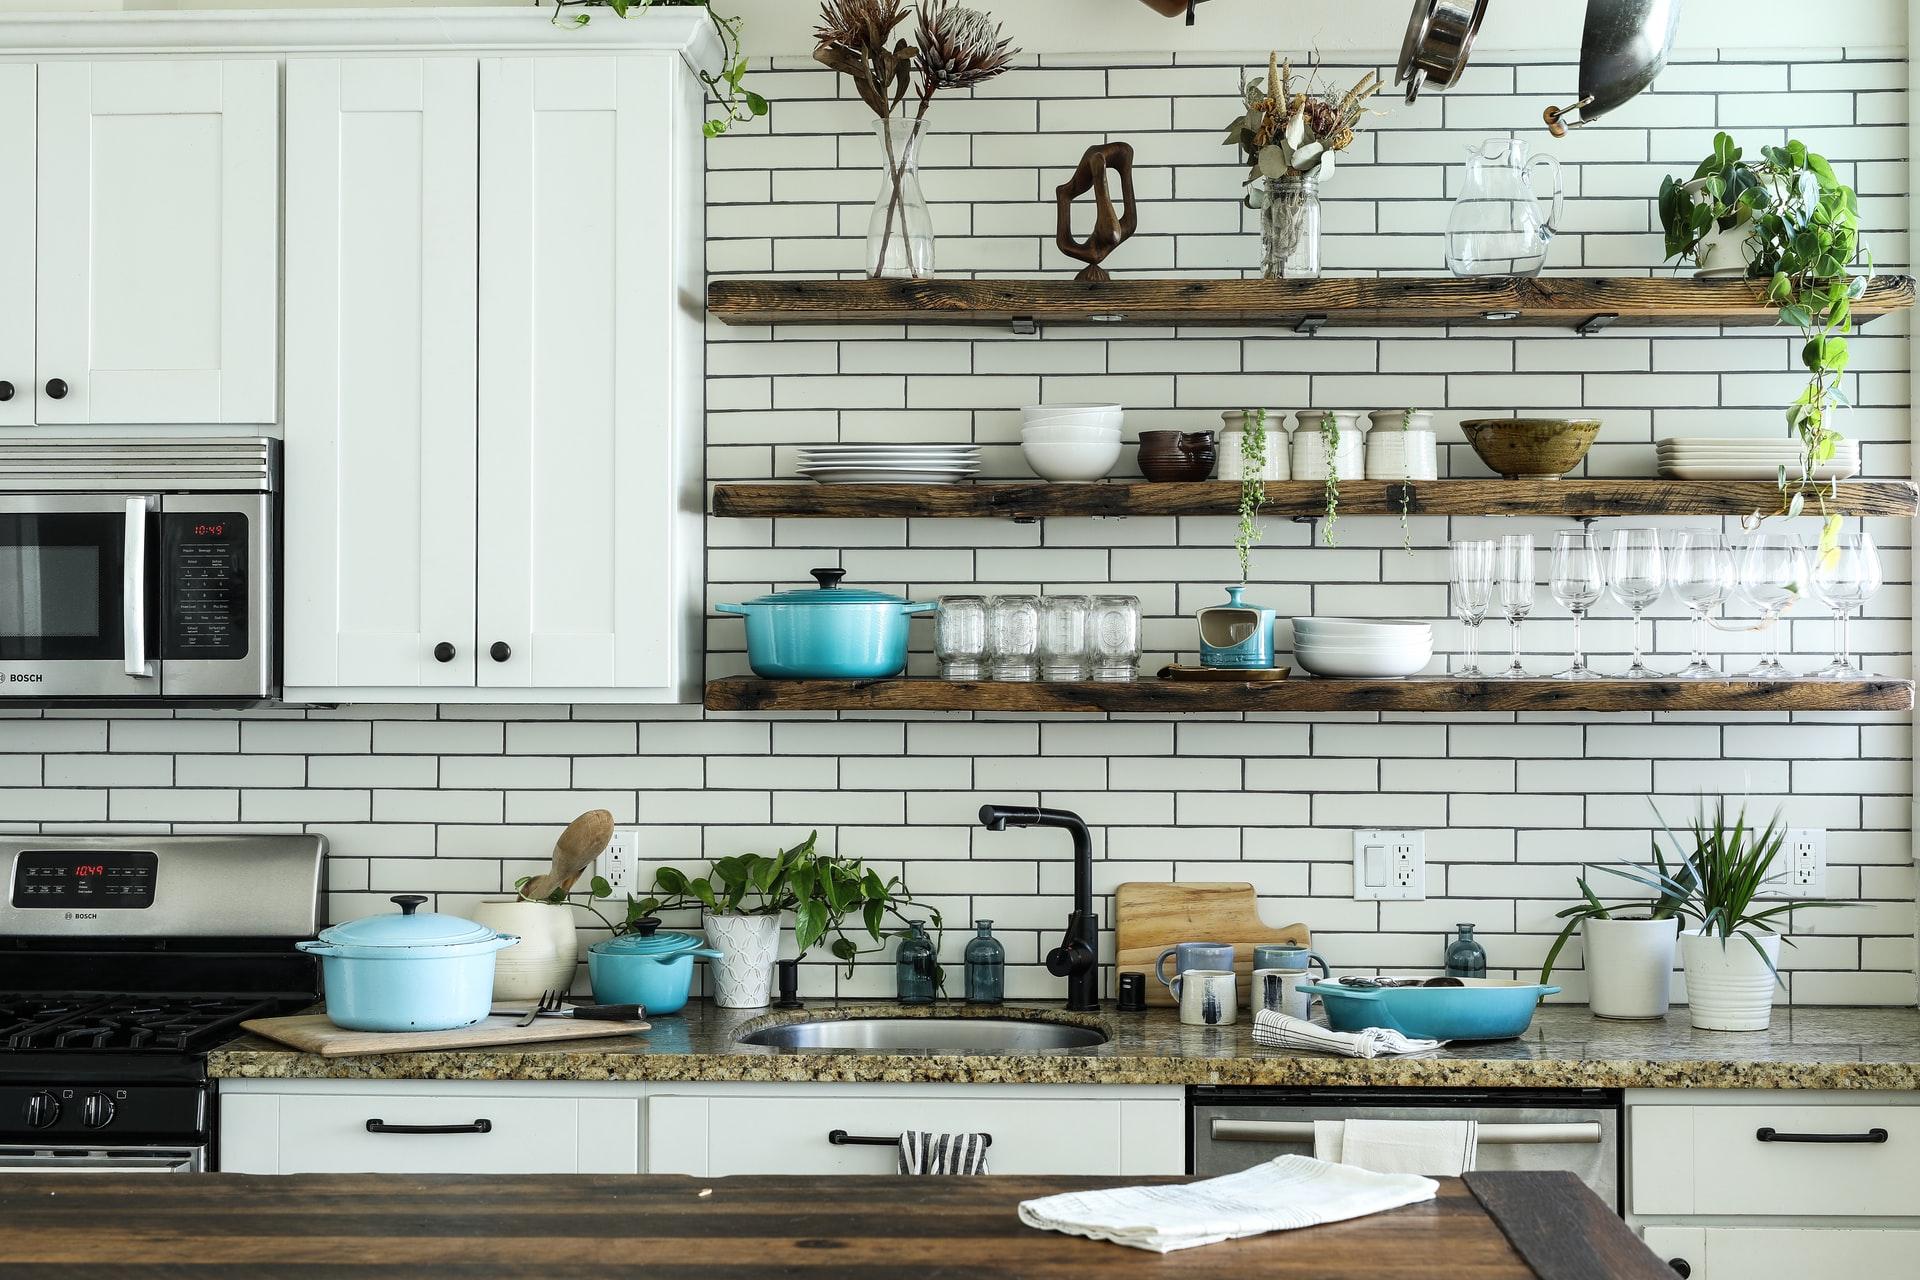 おしゃれな棚が印象的なキッチン